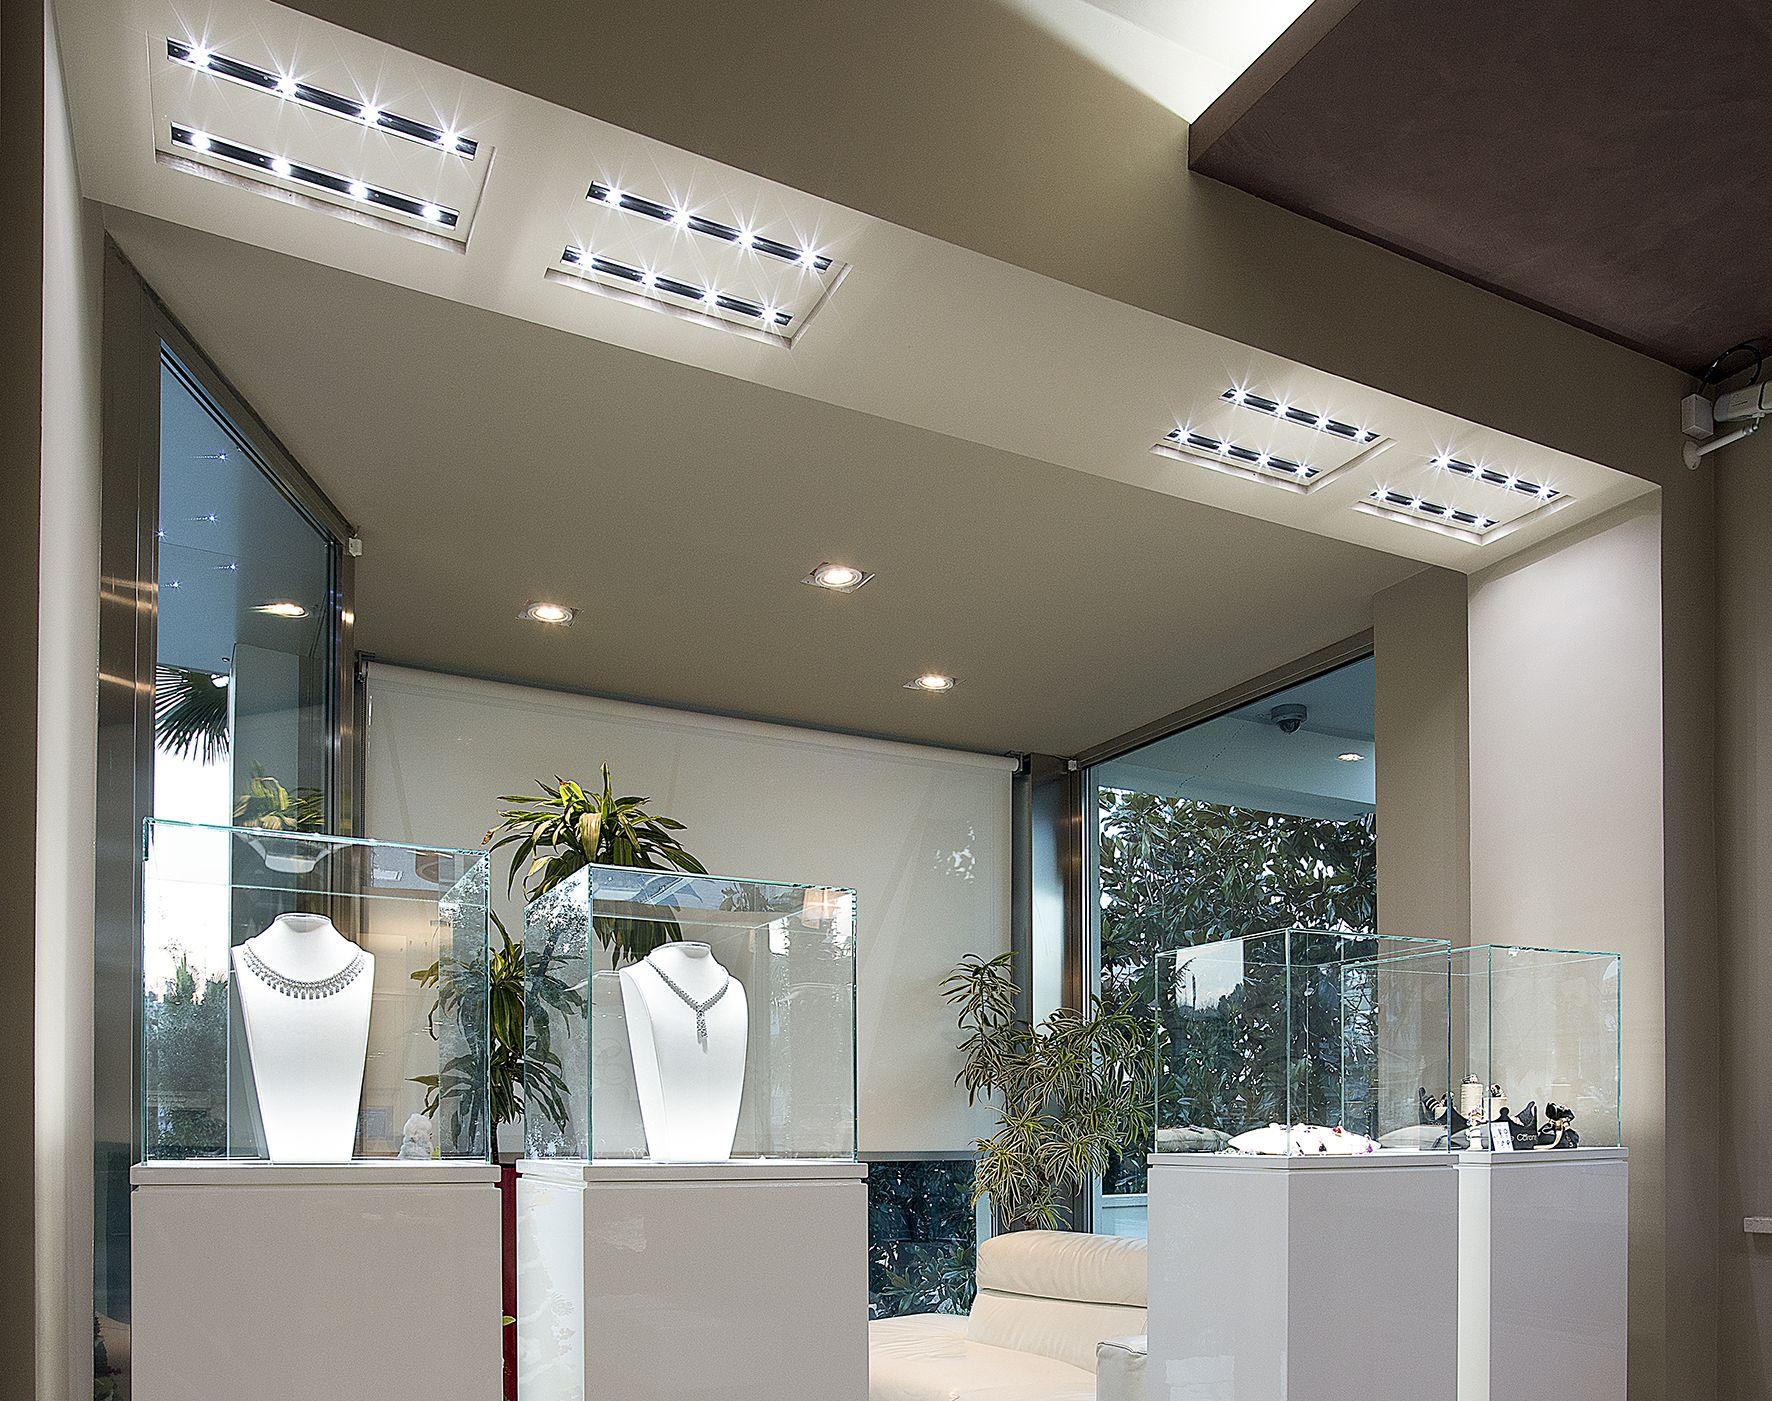 Sistemi Di Illuminazione A Led dentro le mura presenta i sistemi di illuminazione a led per